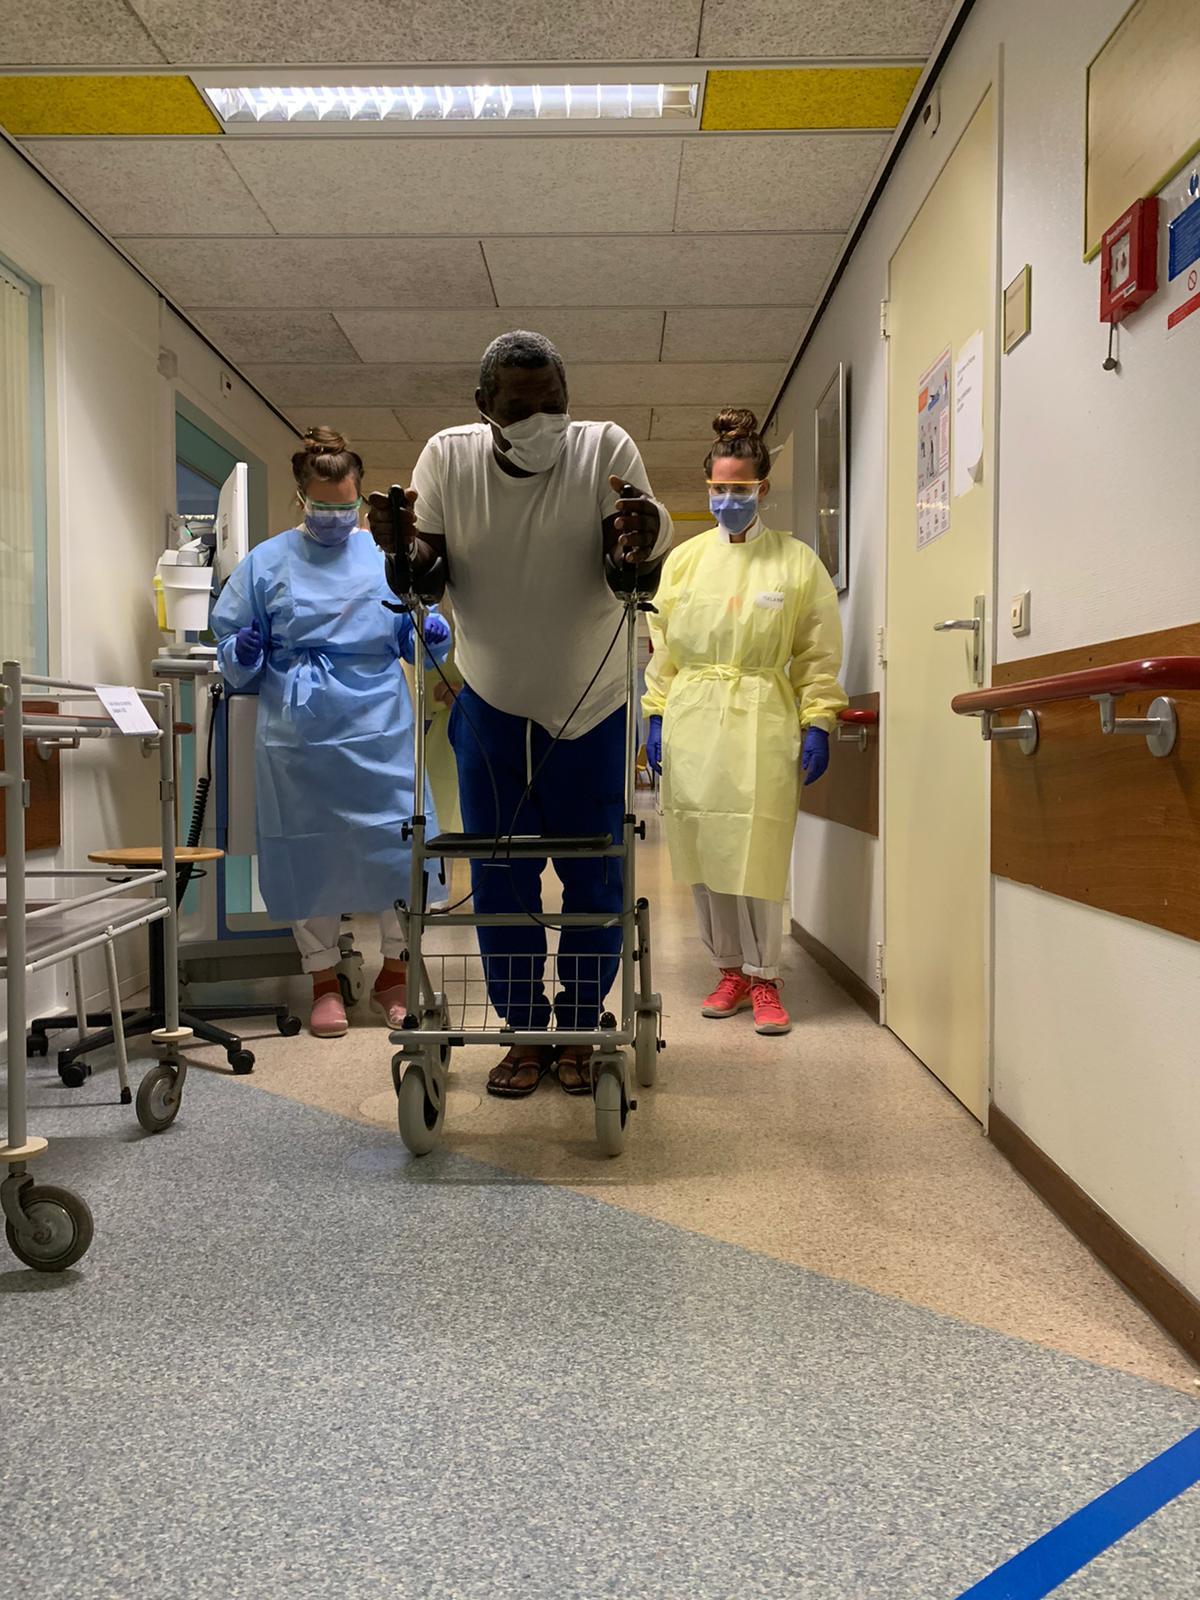 Heupwiegende coronapatiënt geeft zusters Alkmaars ziekenhuis 'salsales' op gang: 'Om verdriet te vergeten en iedereen op te vrolijken' [video]